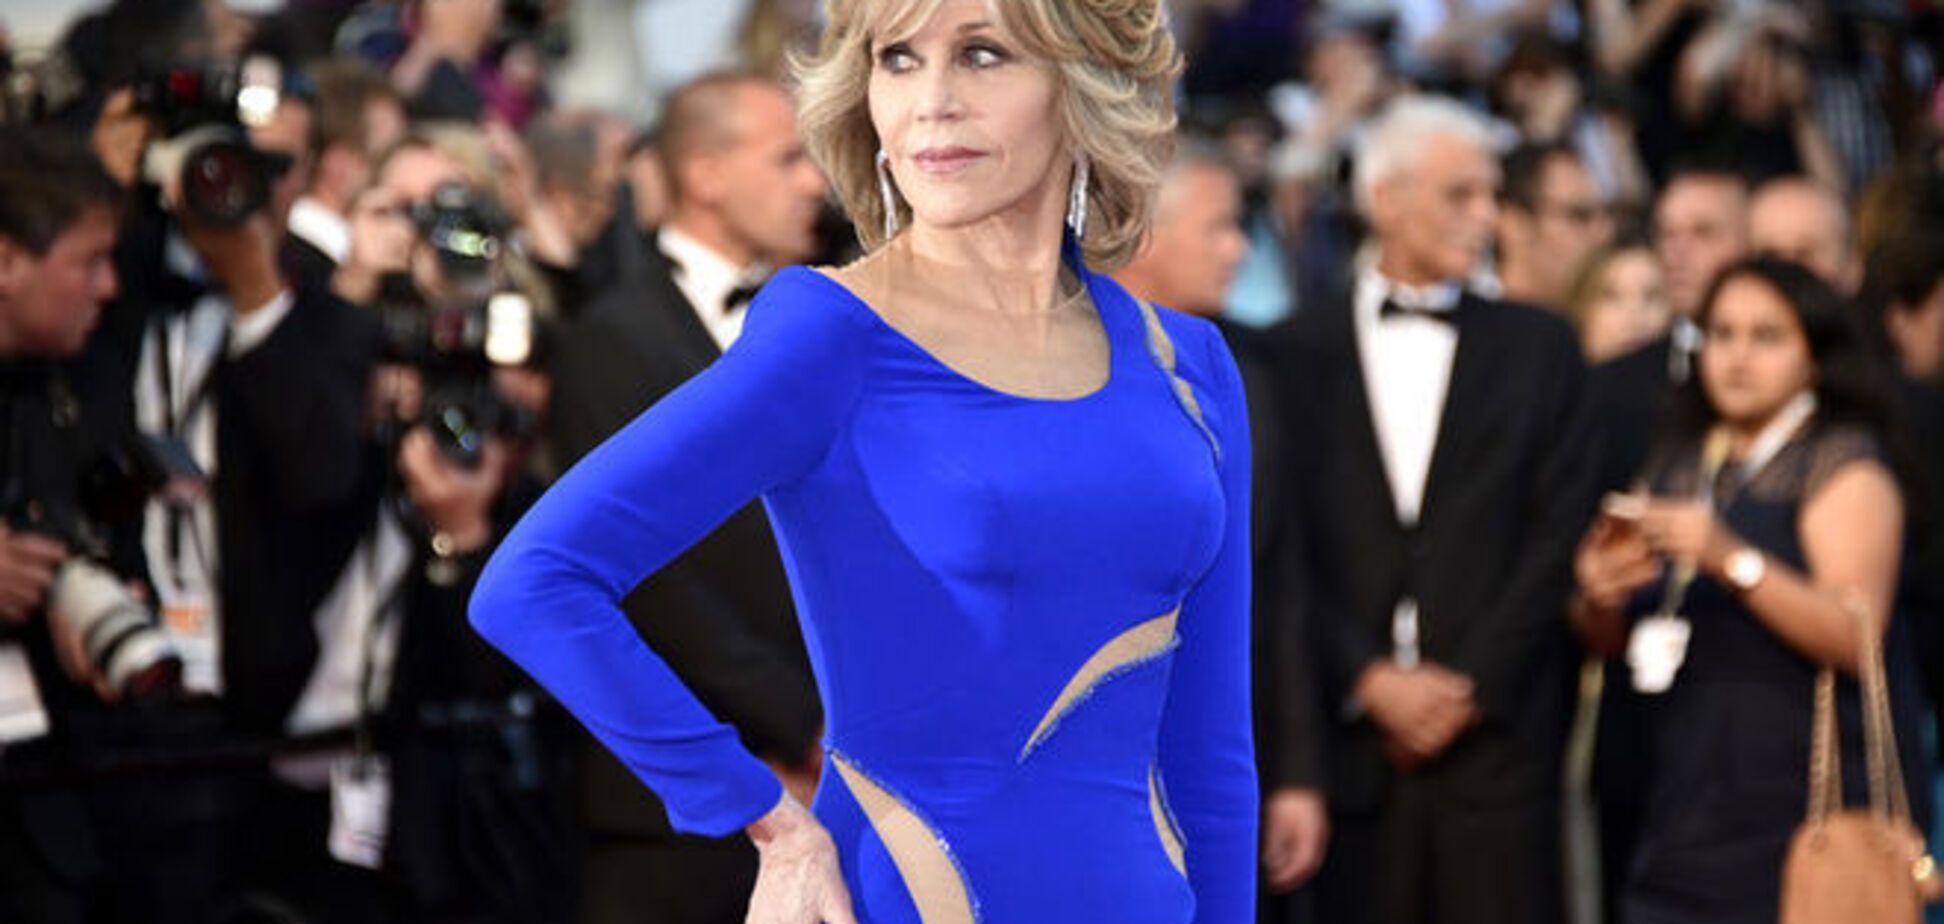 Канны 2015: 77-летняя Джейн Фонда показала сногсшибательное платье и отличную фигуру